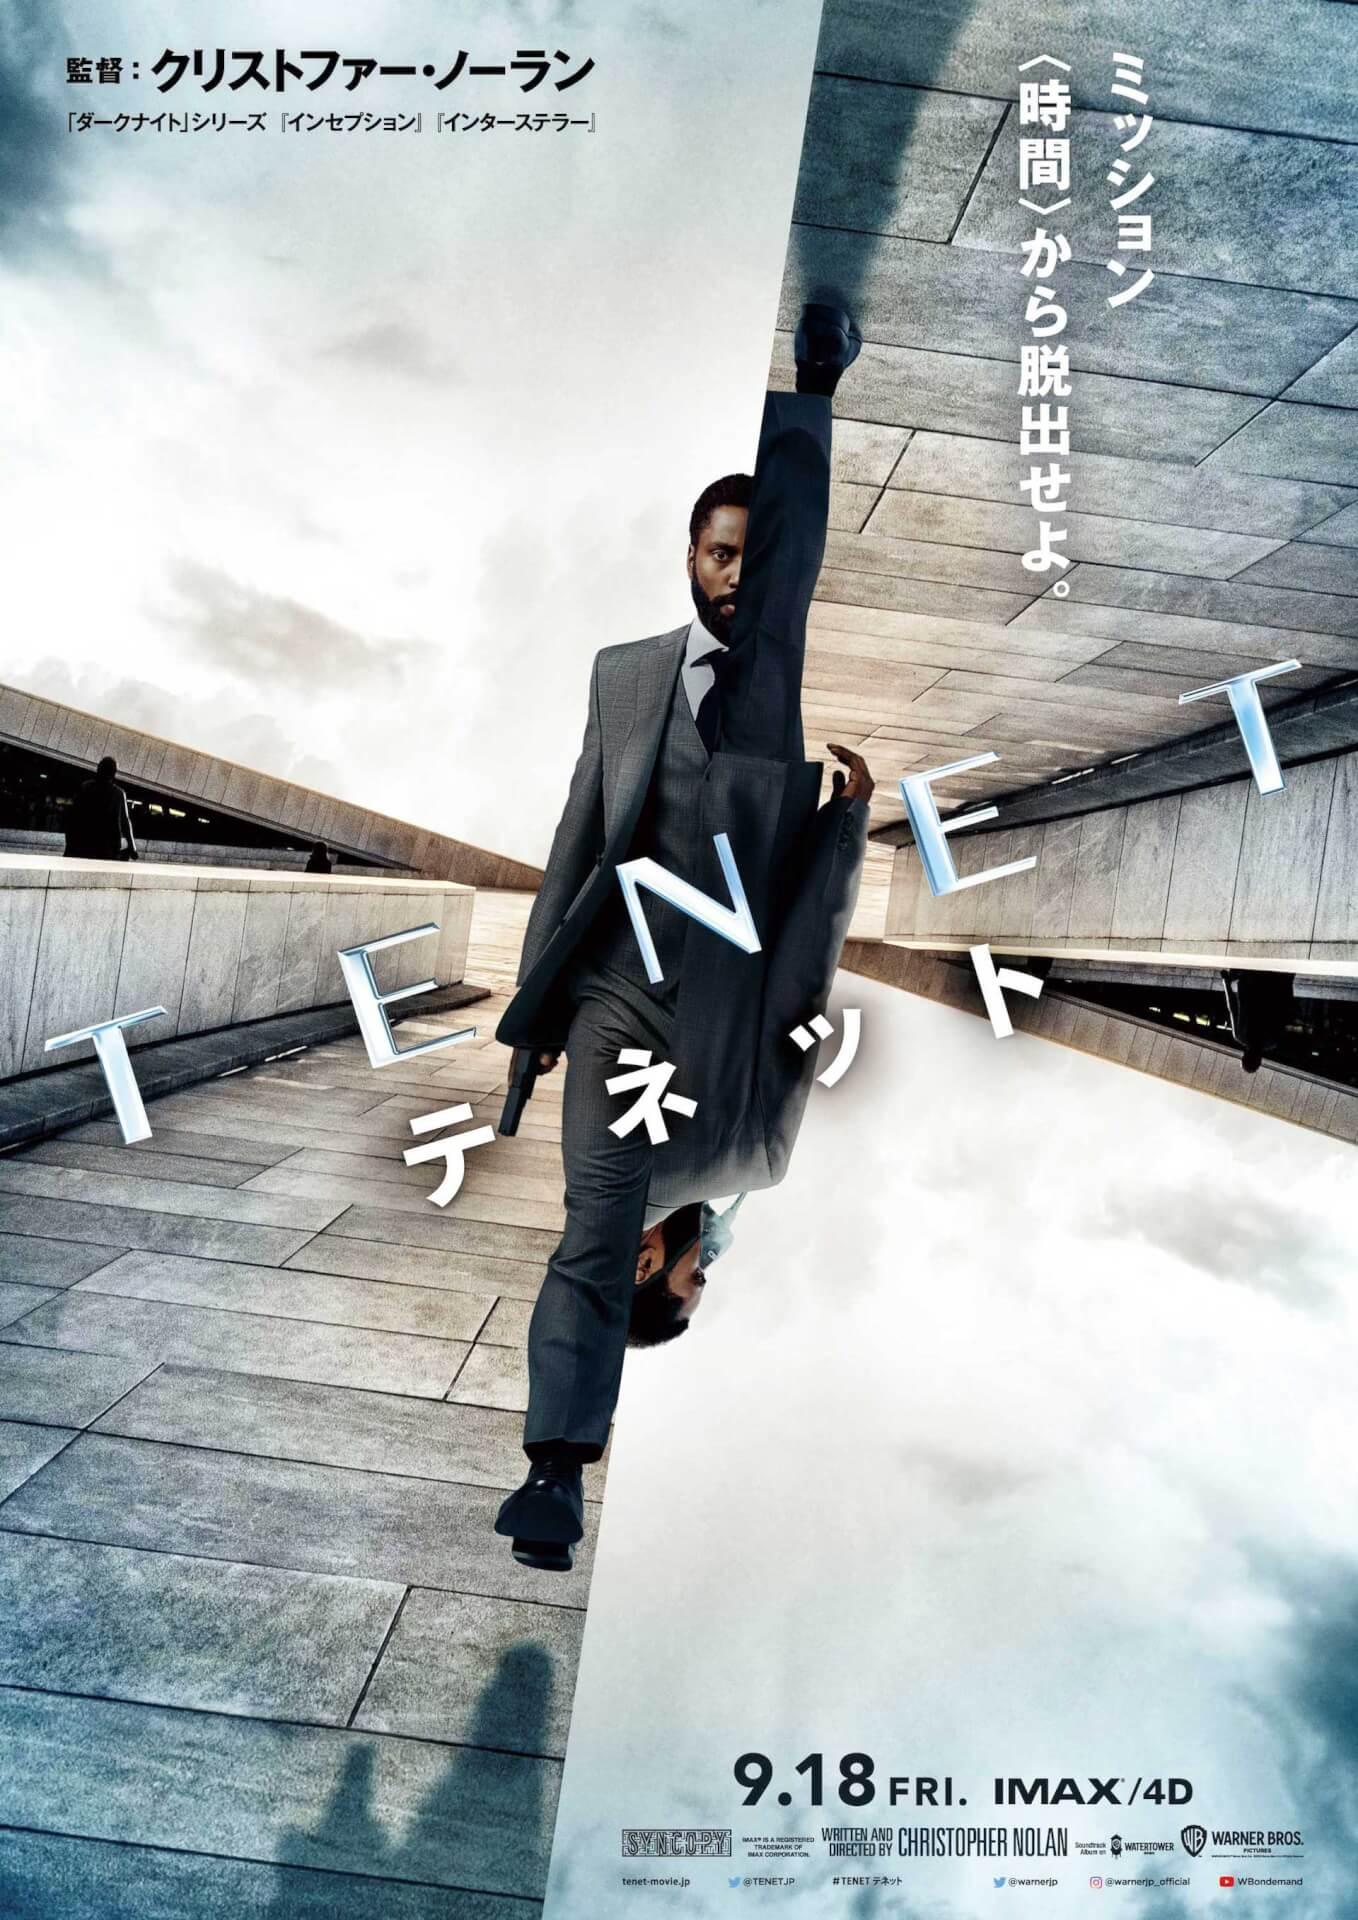 クリストファー・ノーラン最新作『TENET テネット』が「ダークナイト」シリーズ超えの興収20億円突破! film201012_tenet_5